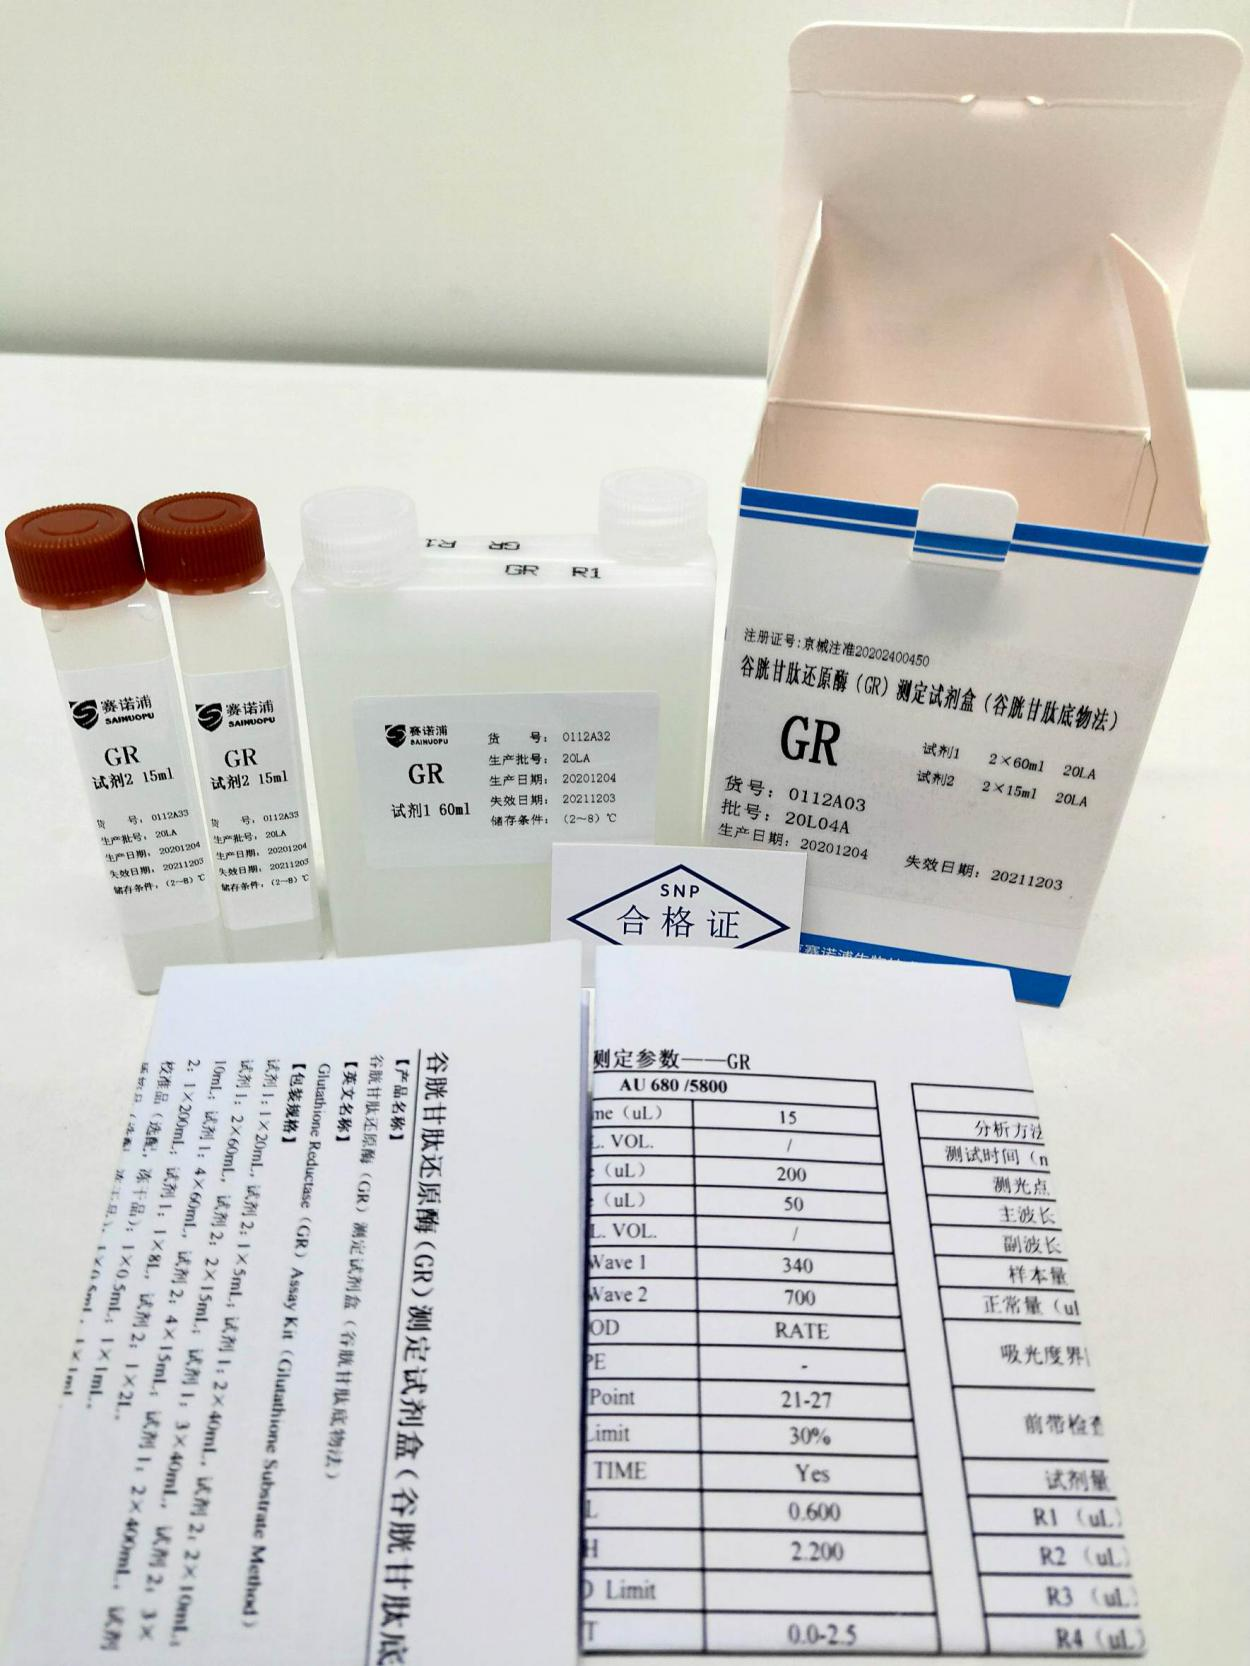 谷胱甘肽还原酶(GR)测定试剂盒(谷胱甘肽底物法)